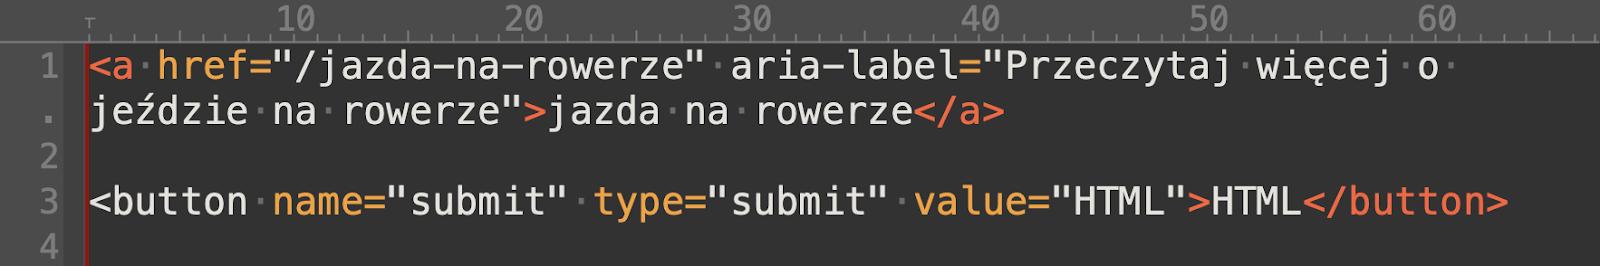 Przykład poprawnego kodu linku oraz przycisku